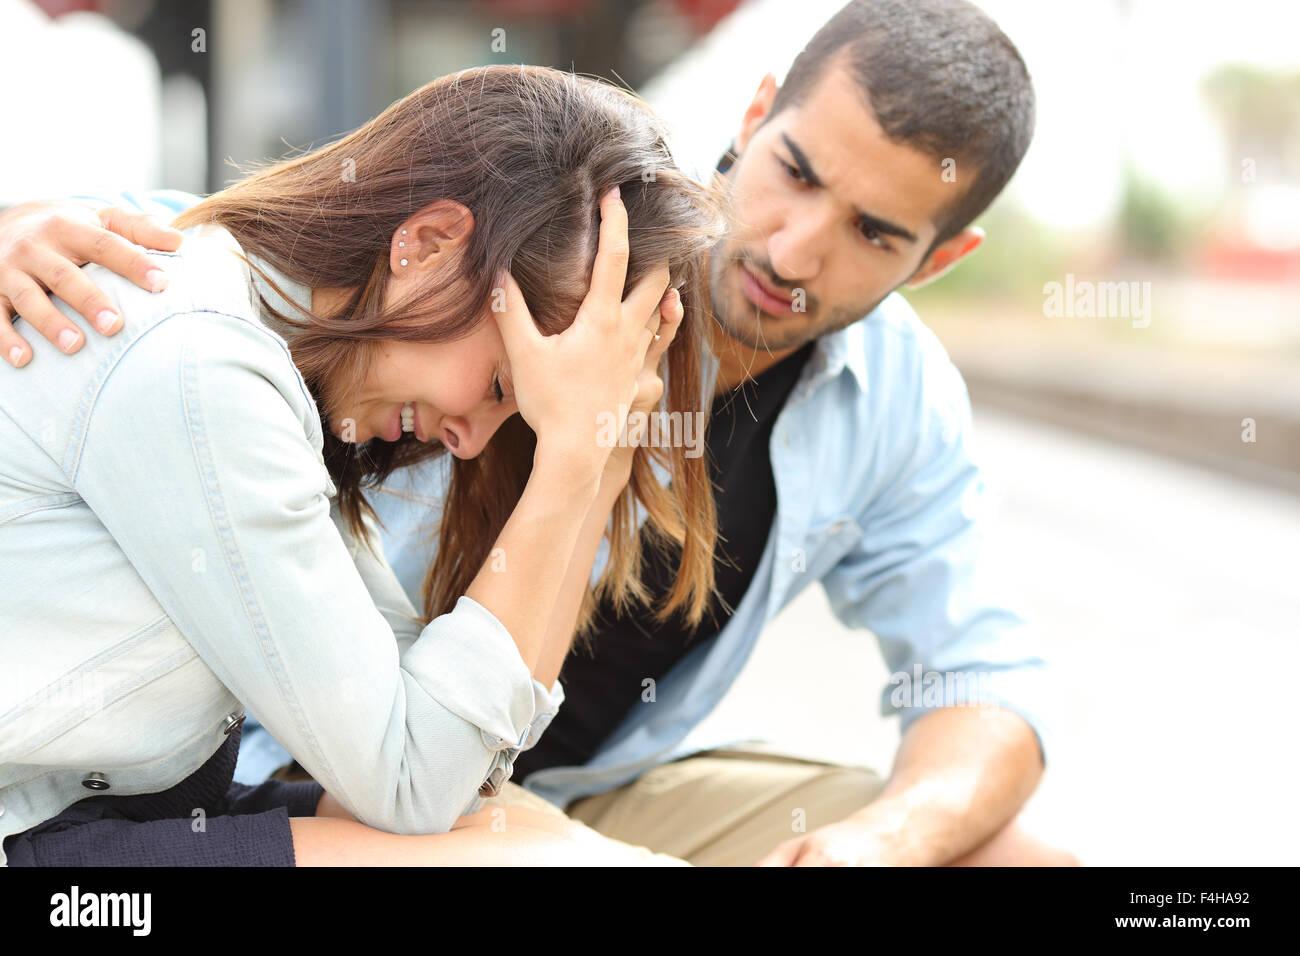 Vue latérale d'un musulman réconfortant un triste caucasian girl deuil dans une gare Photo Stock